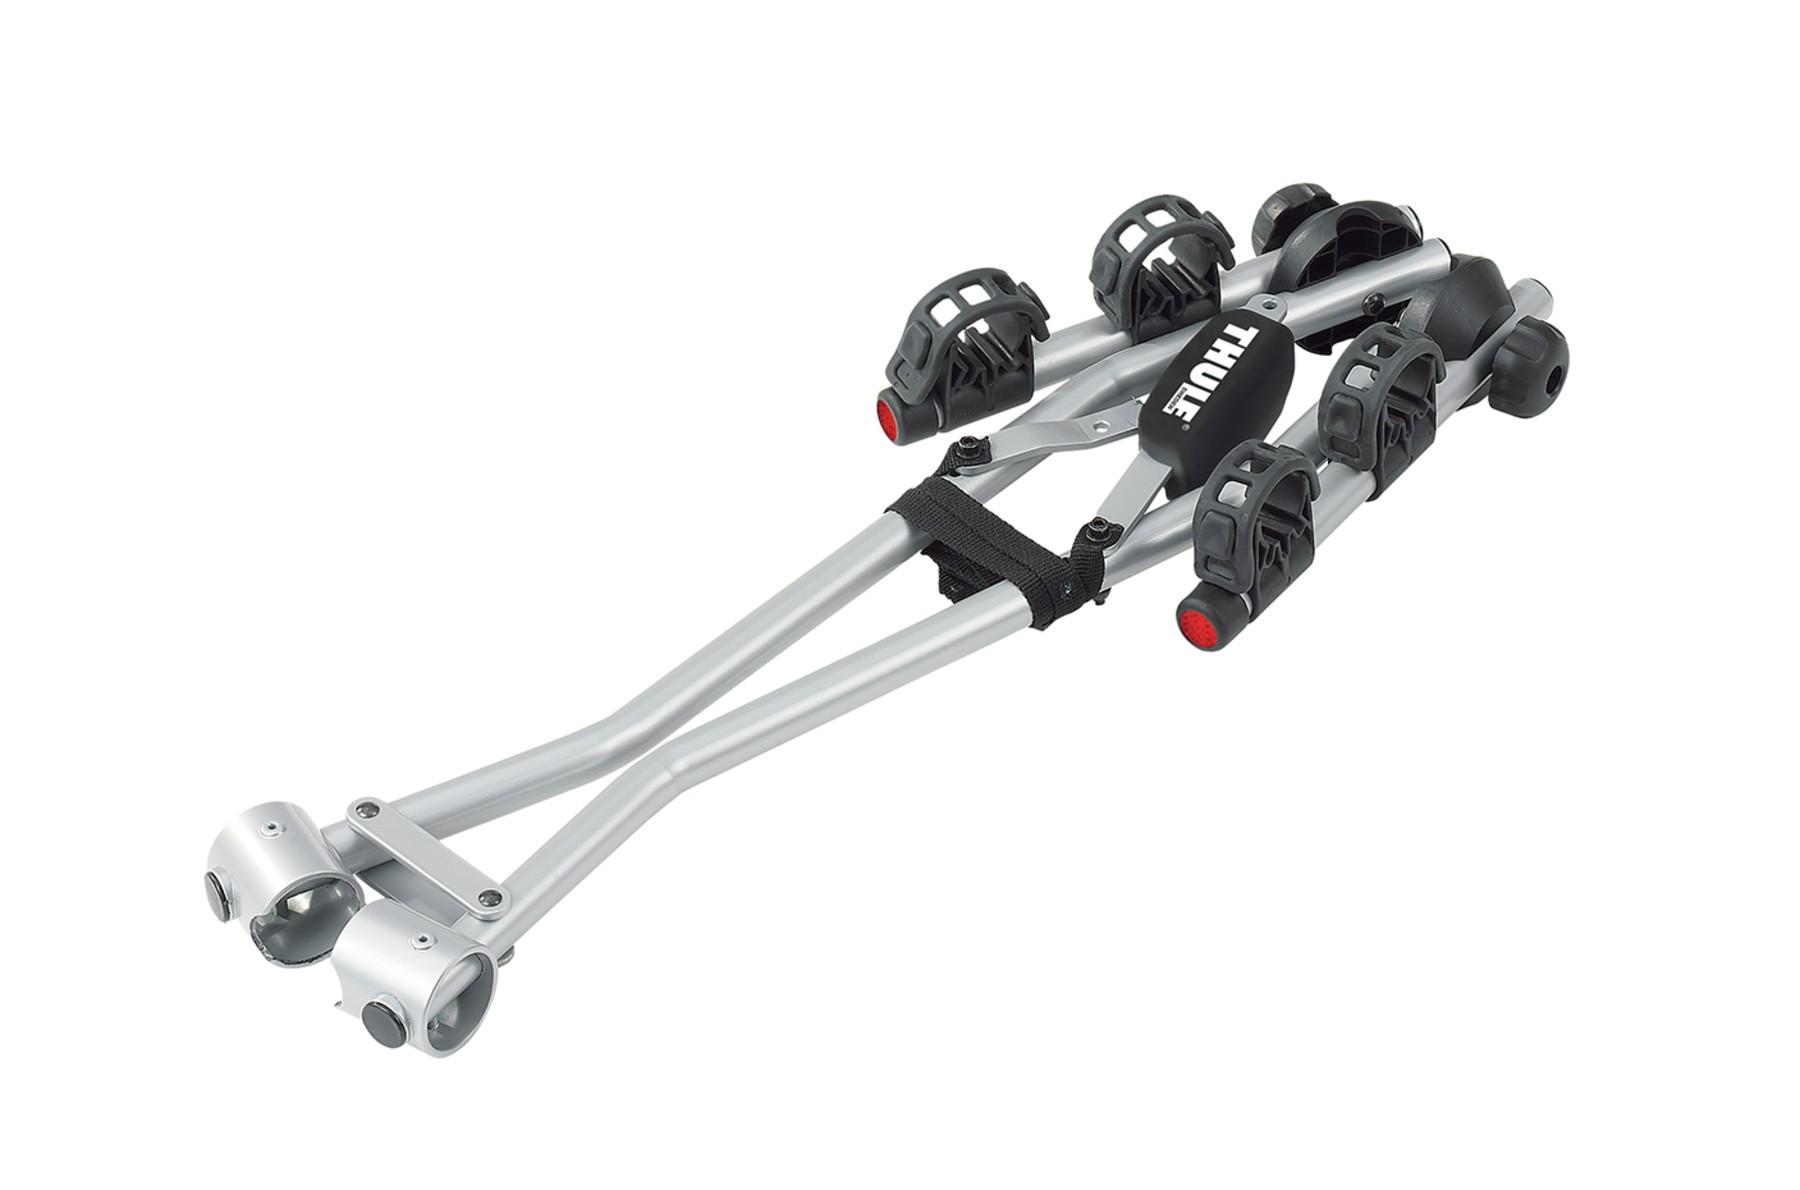 Thule Xpress 2 bikes (suporte para engate)